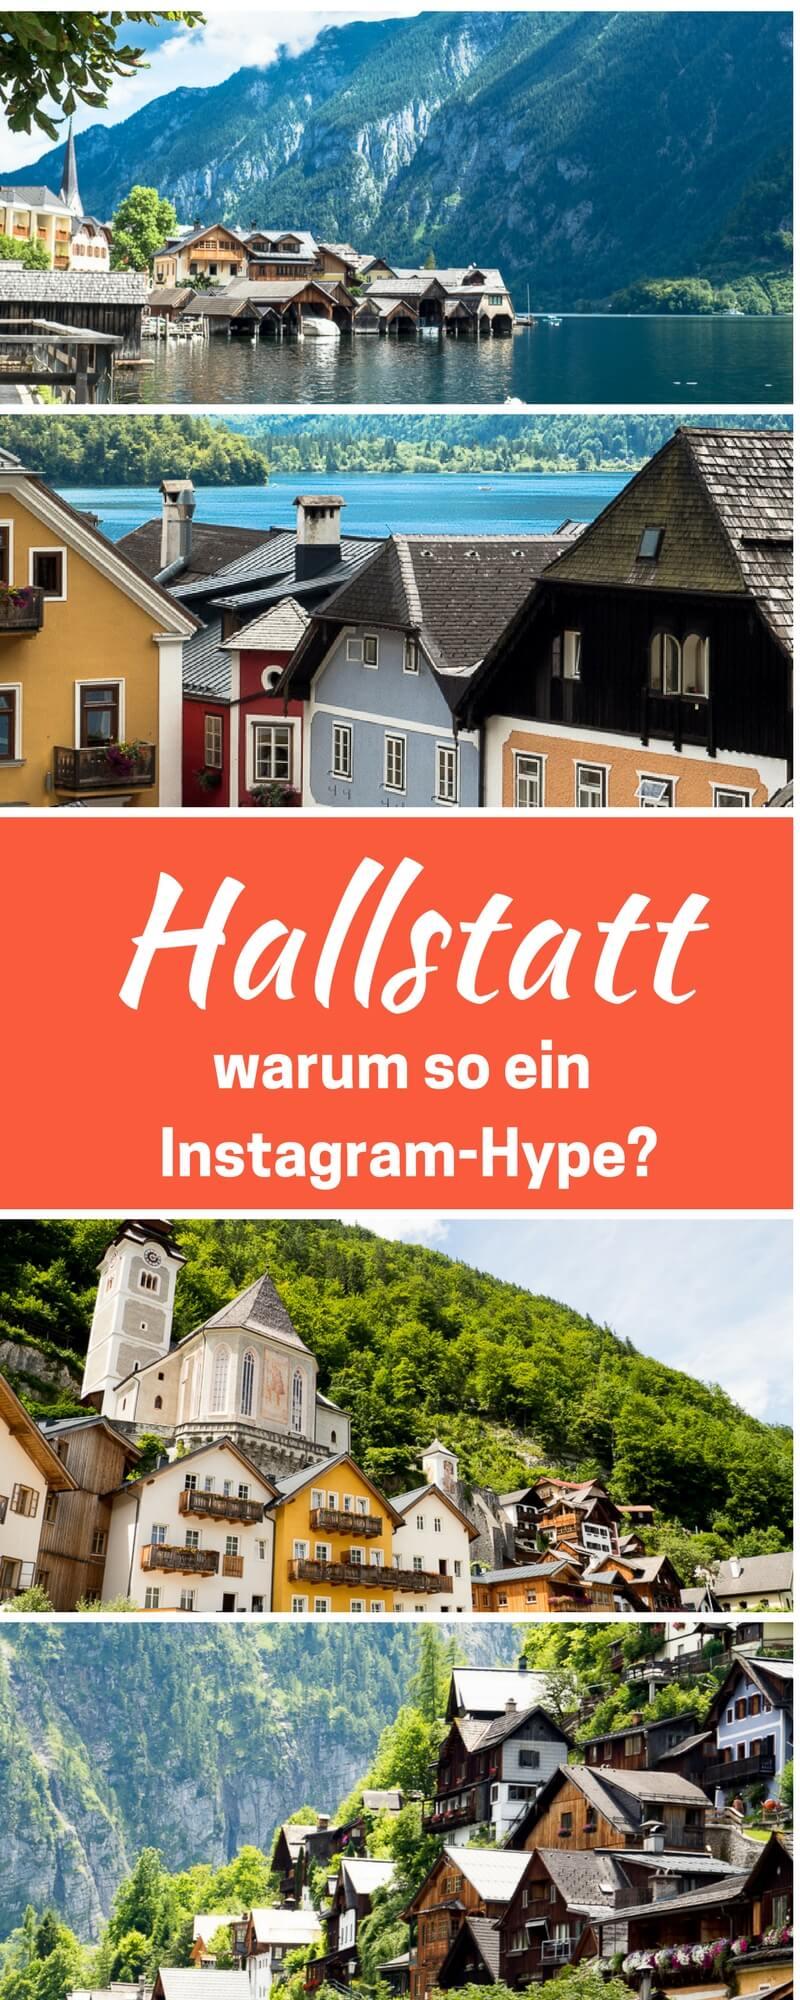 Hallstatt - das Instagram Aushängeschild von Österreich. Zu recht?